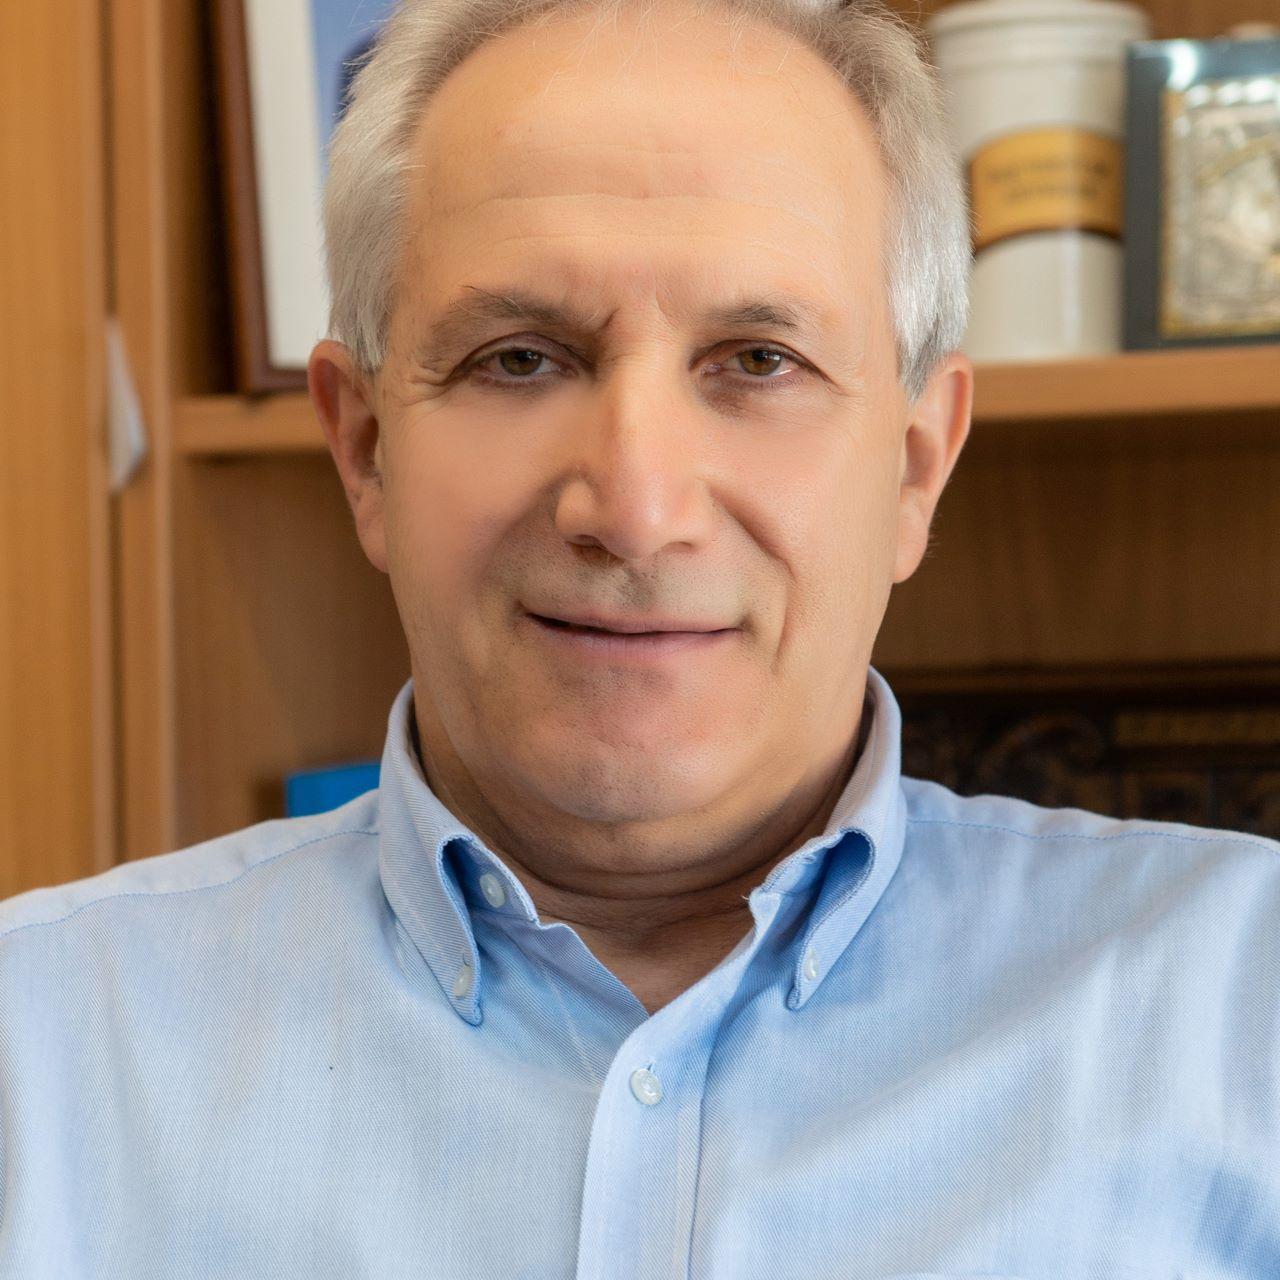 Βαλτάς : Θα ζητήσει αναθεώρηση του θεσμικού πλαισίου χορήγησης των ιατροτεχνολογικών προϊόντων